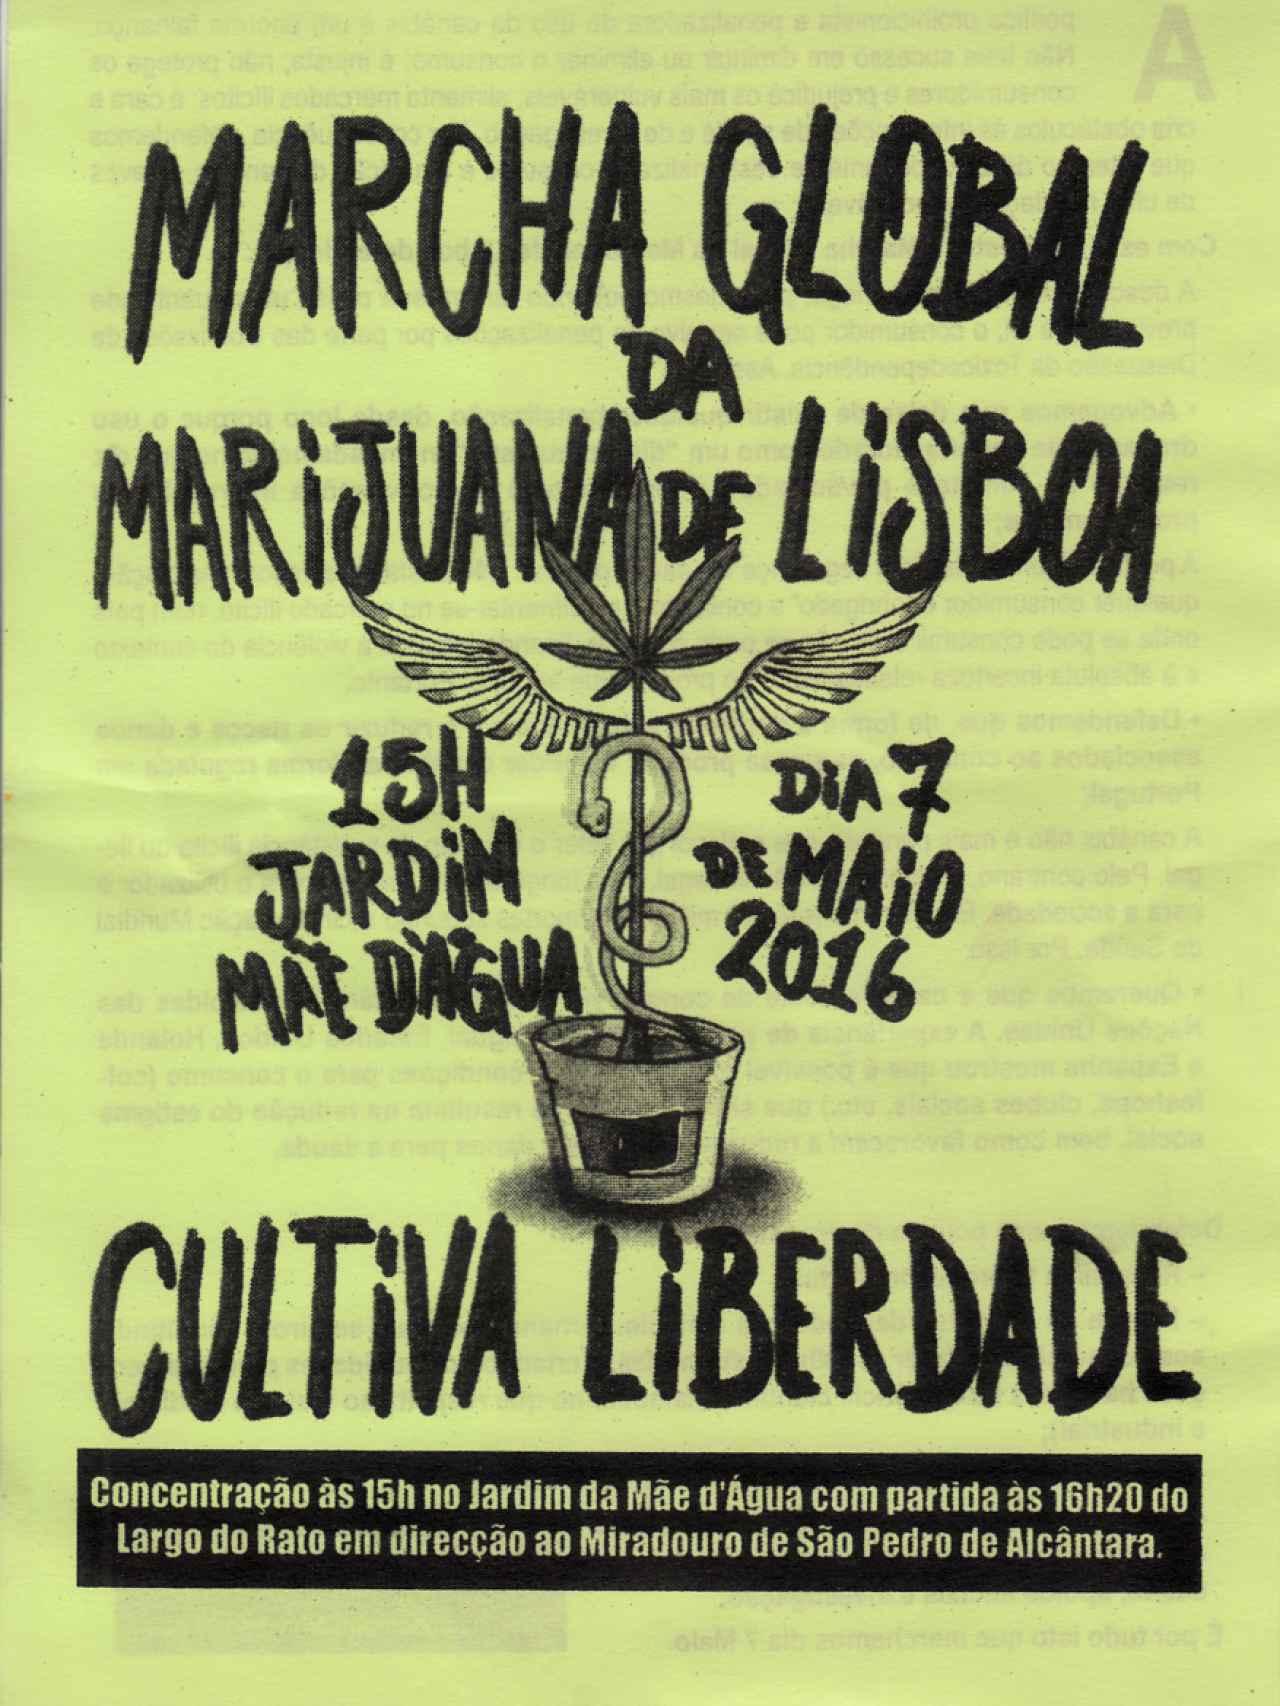 Cartel anunciando la Marcha Global de la Marihuana de 2016.